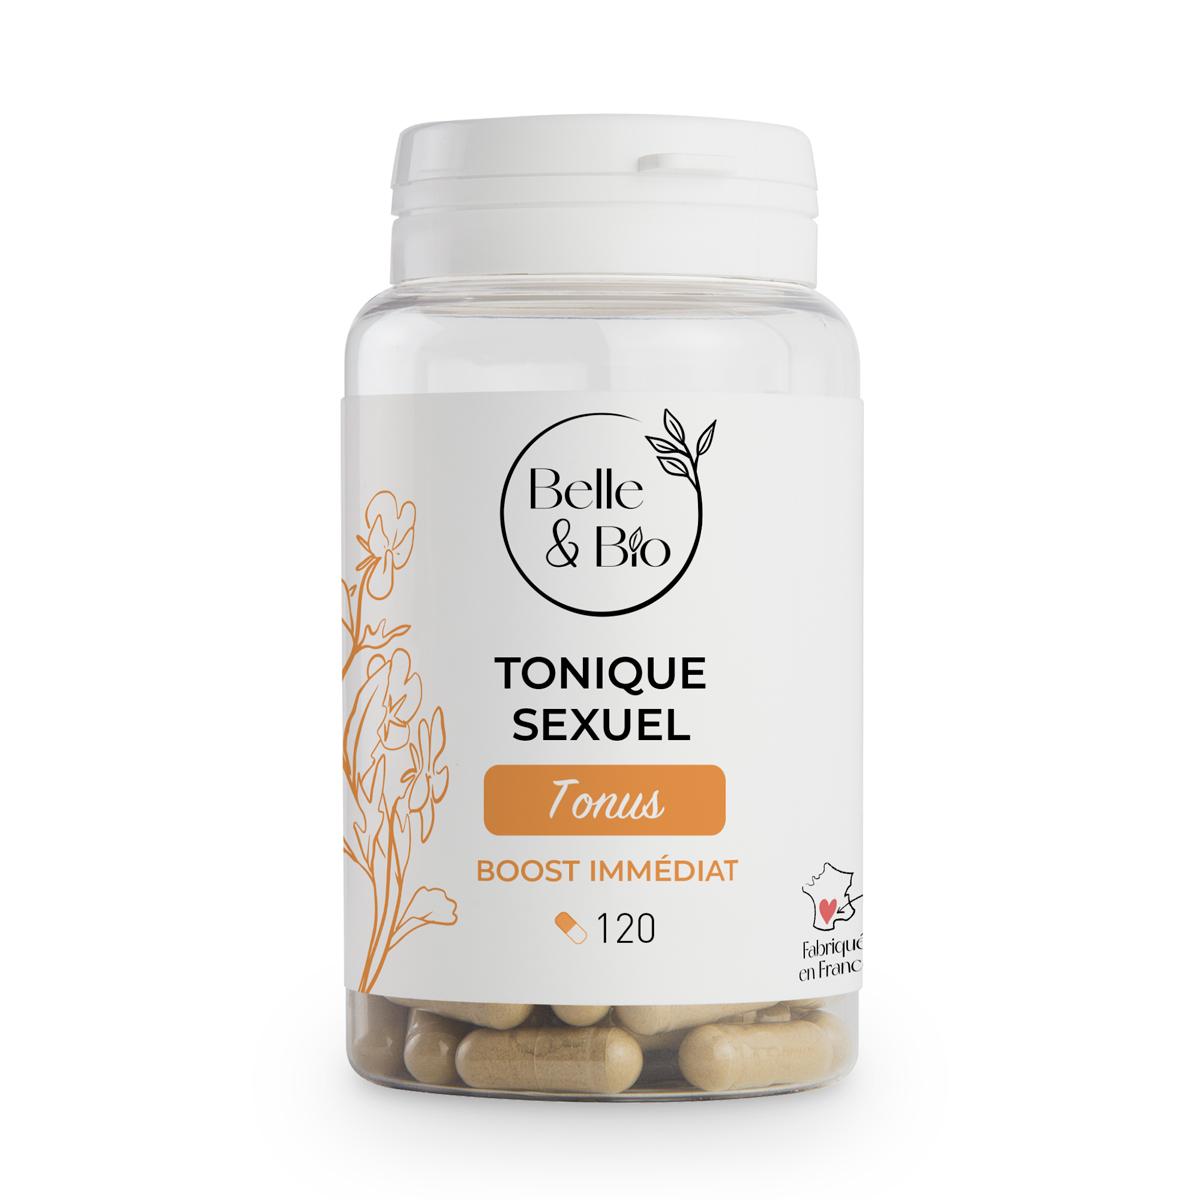 Belle & Bio - Tonique Sexuel - 120 Gélules